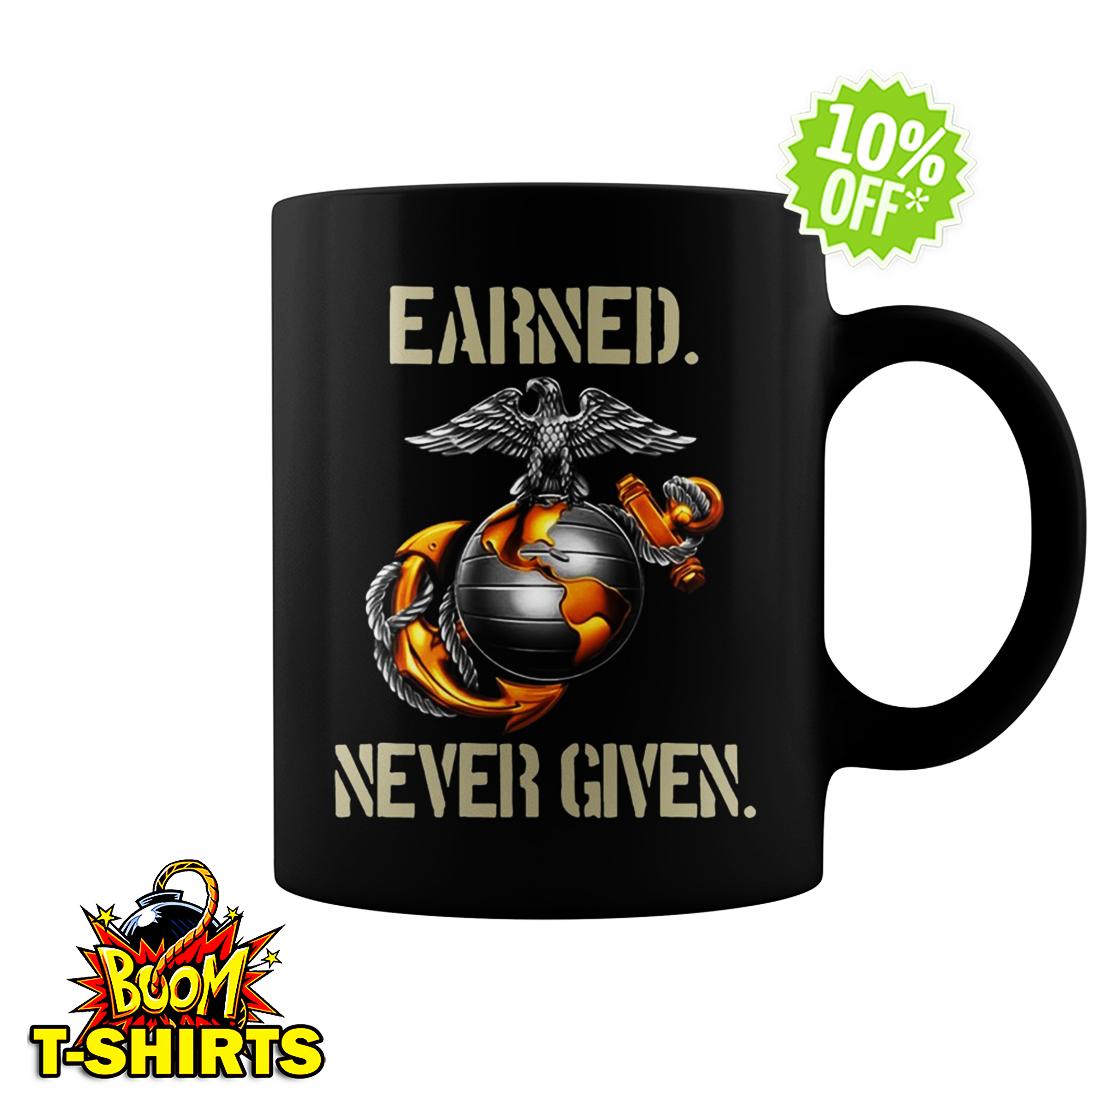 U.S. Marine Corps Earned never given mug